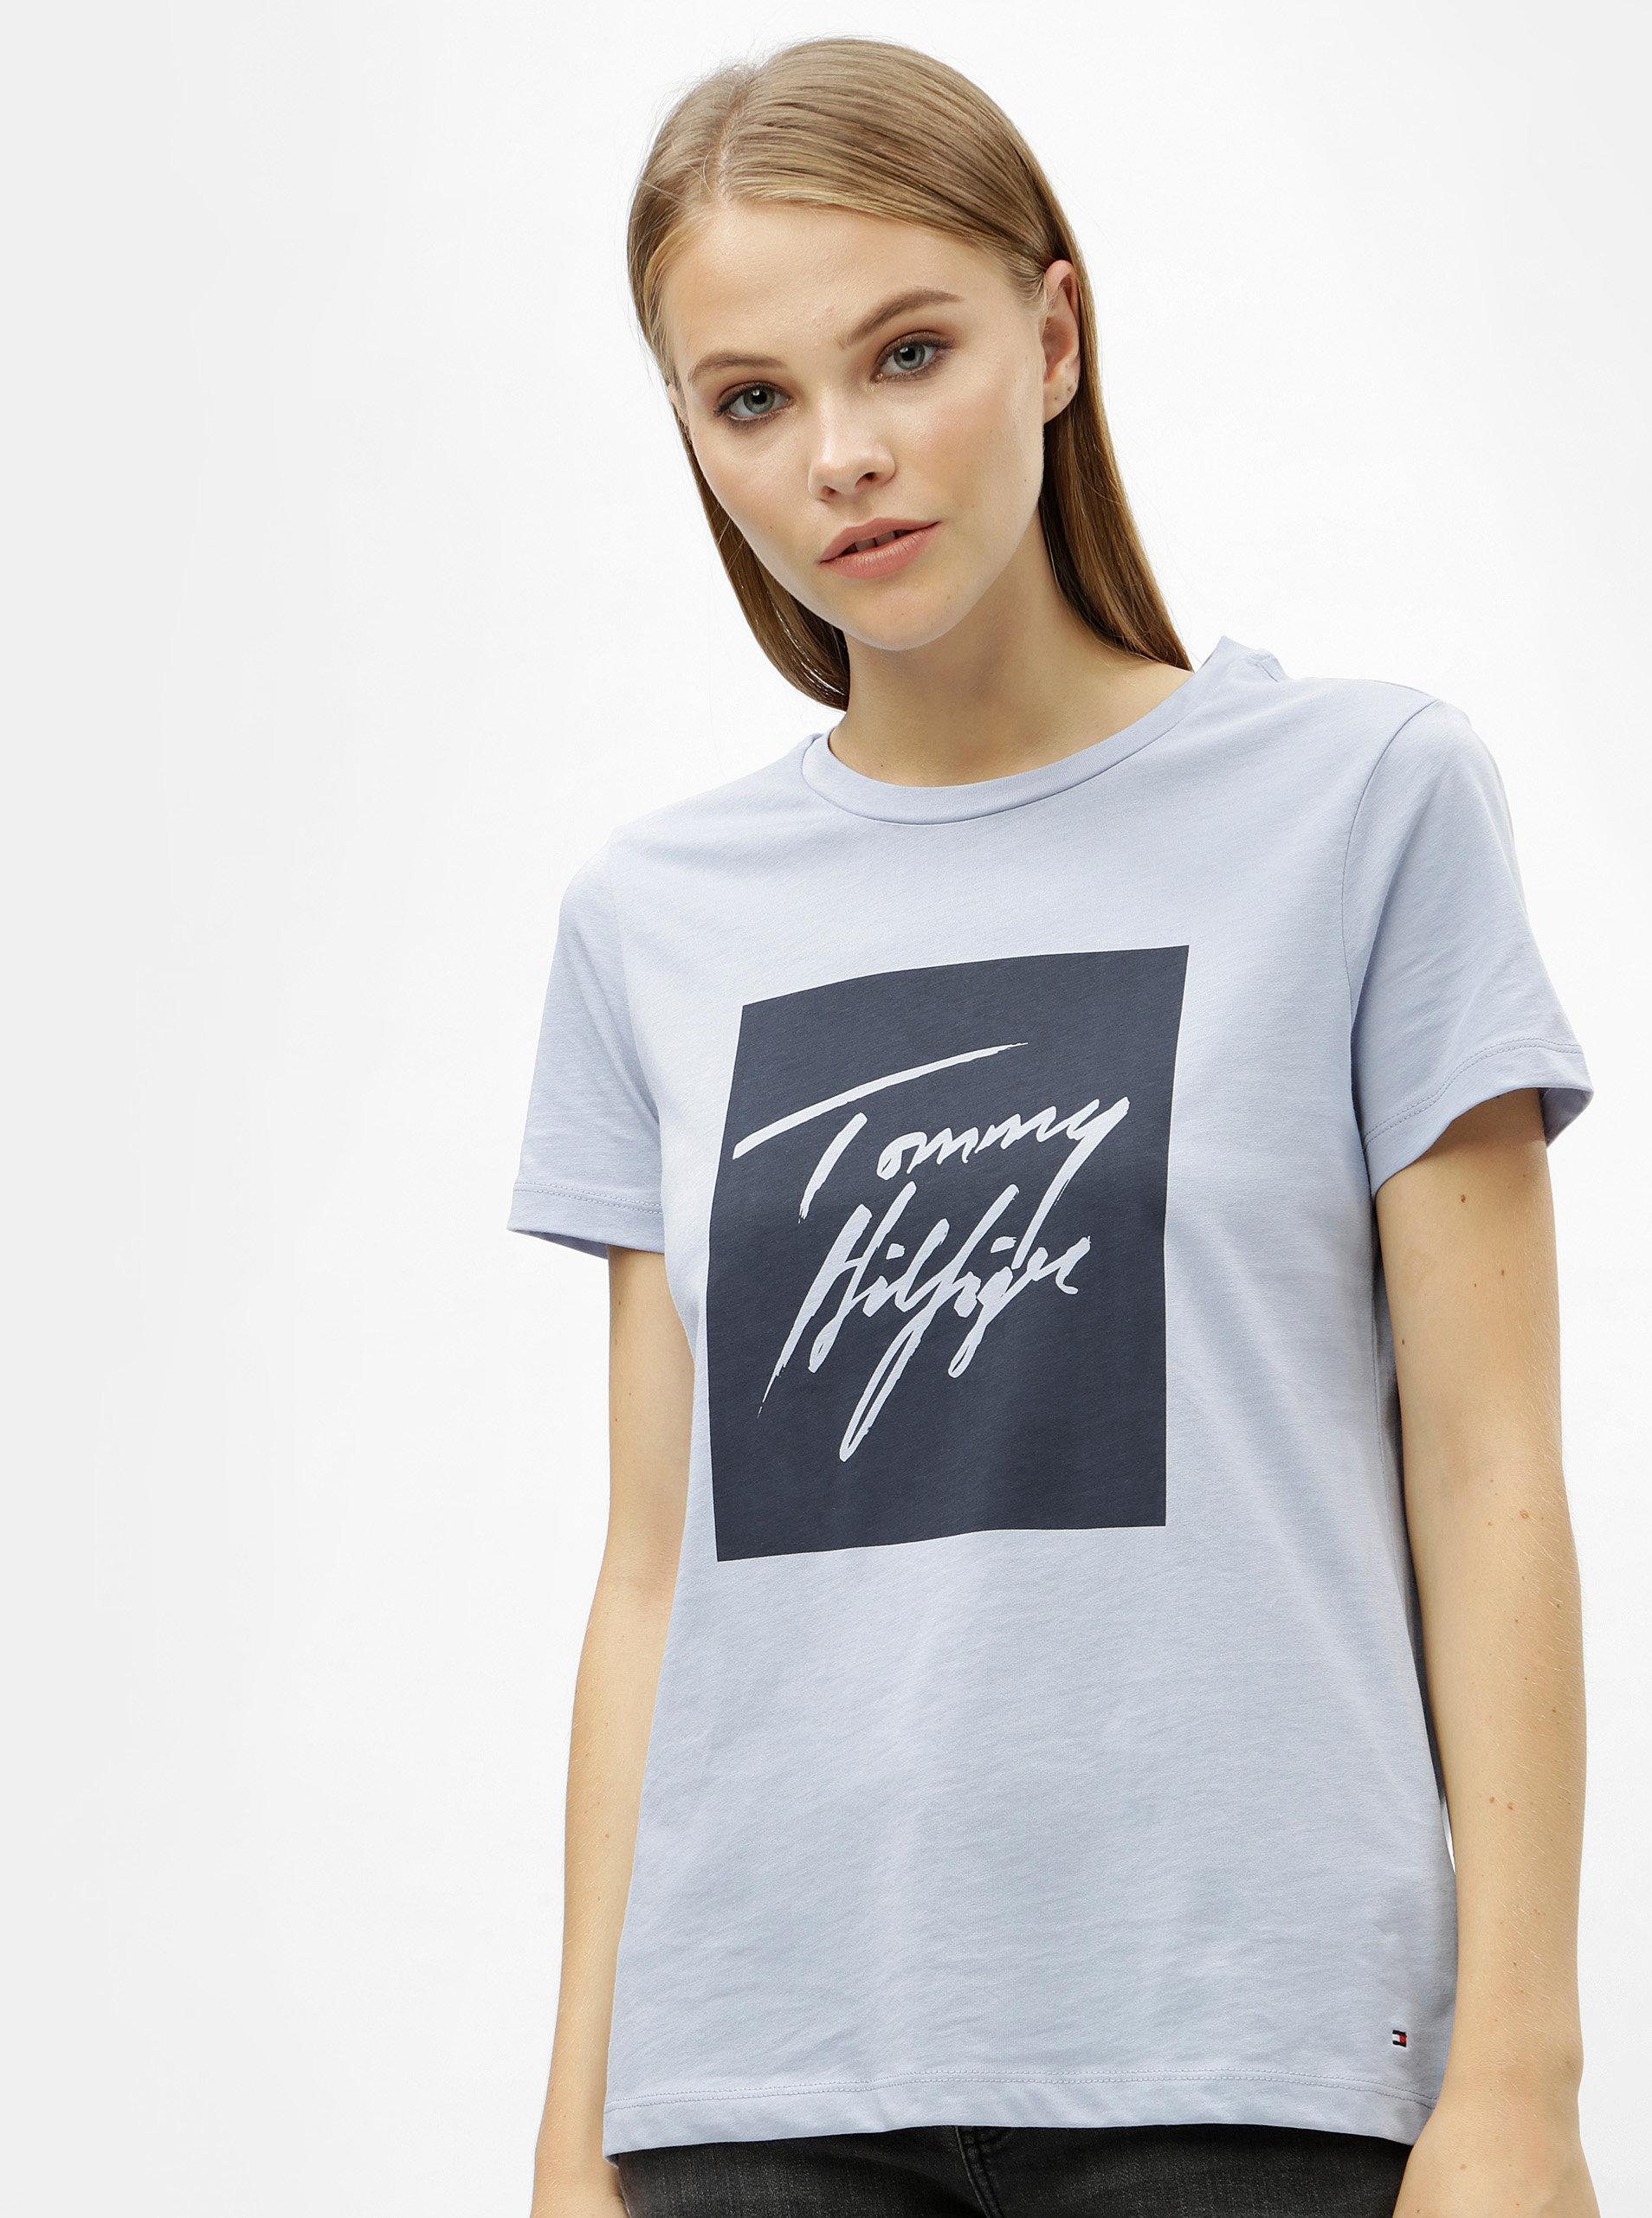 a755a771f71 Světle modré dámské tričko s potiskem Tommy Hilfiger Effy ...